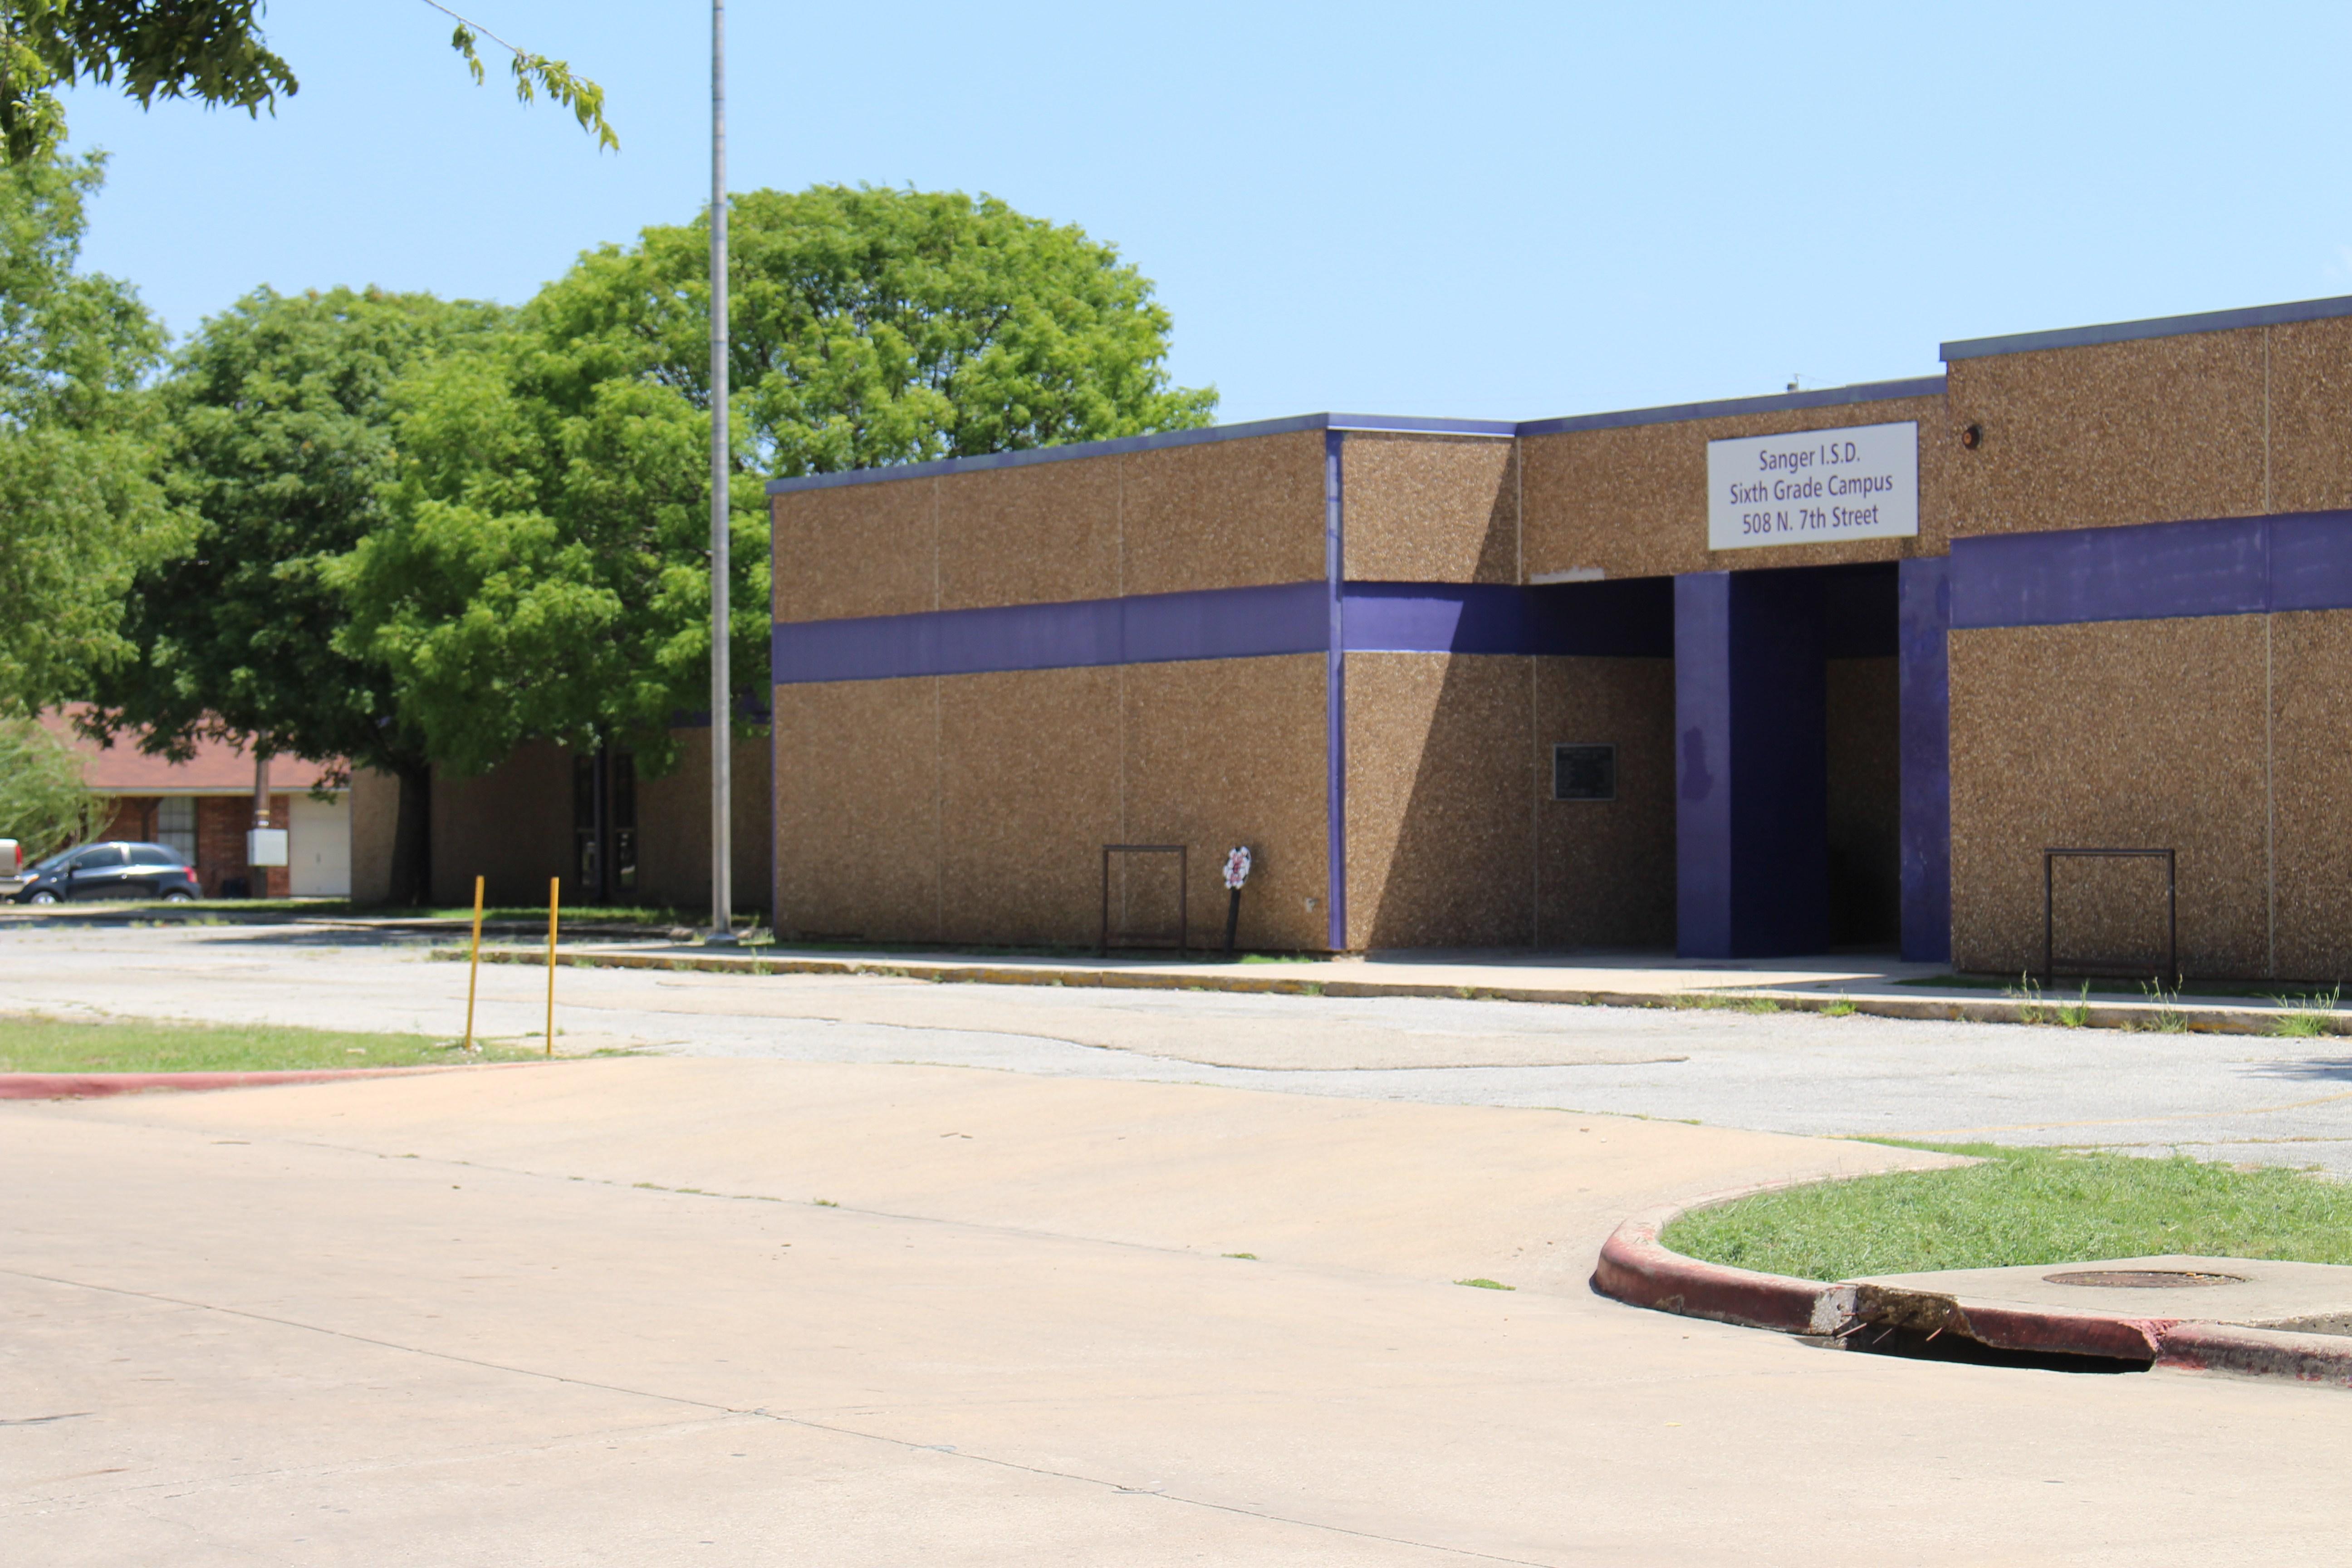 Sixth Grade Campus